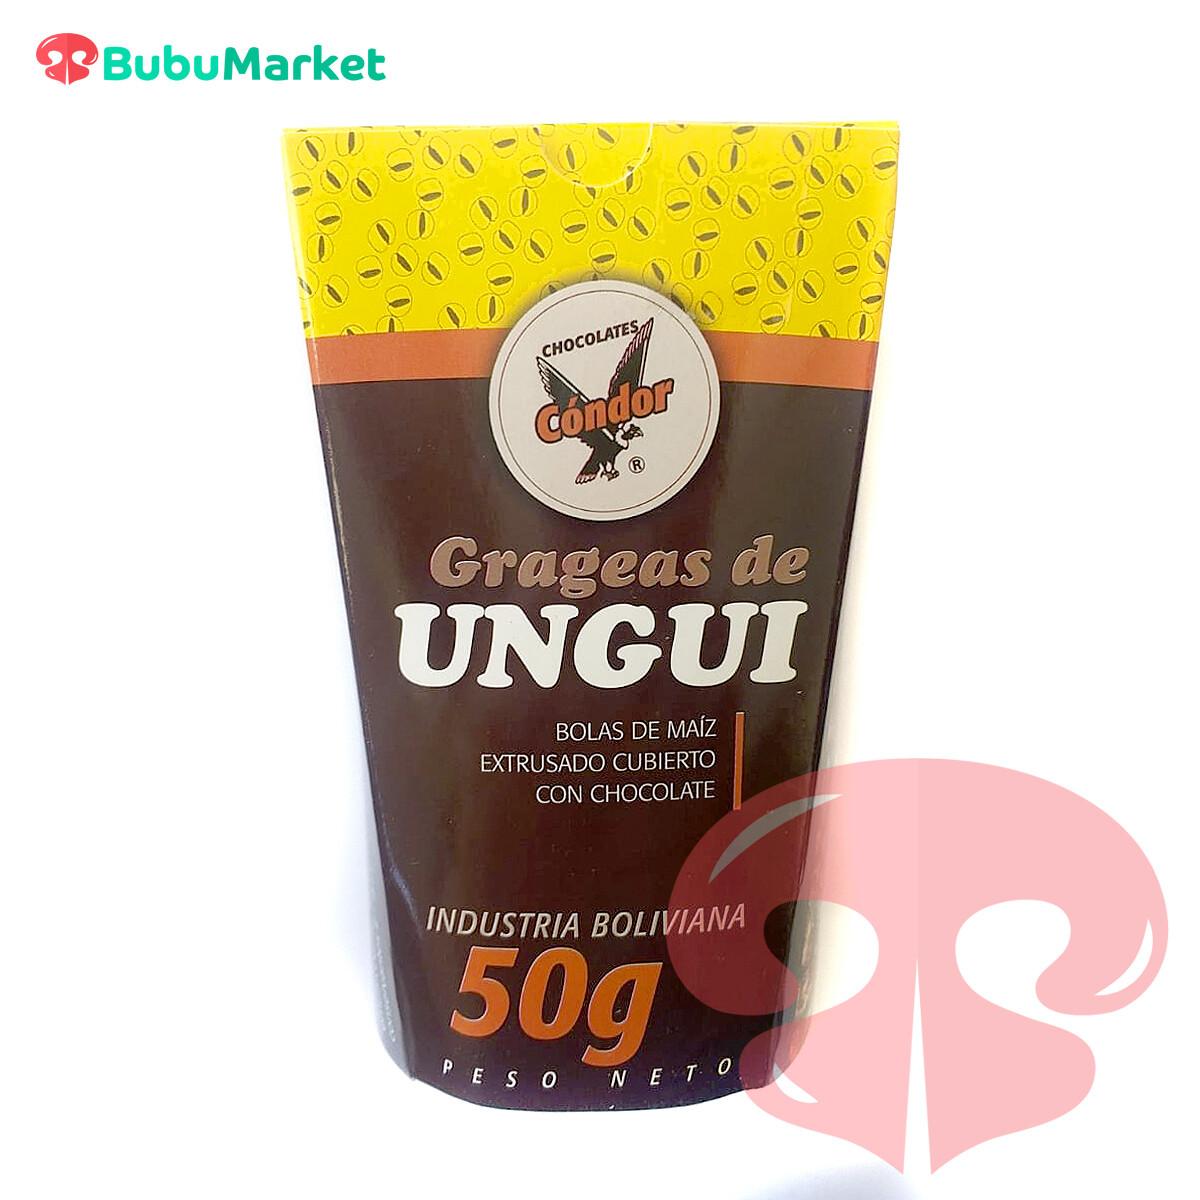 GRAGEAS DE UNGUI CHOCOLATE CONDOR EN VASO DE 50 GR.